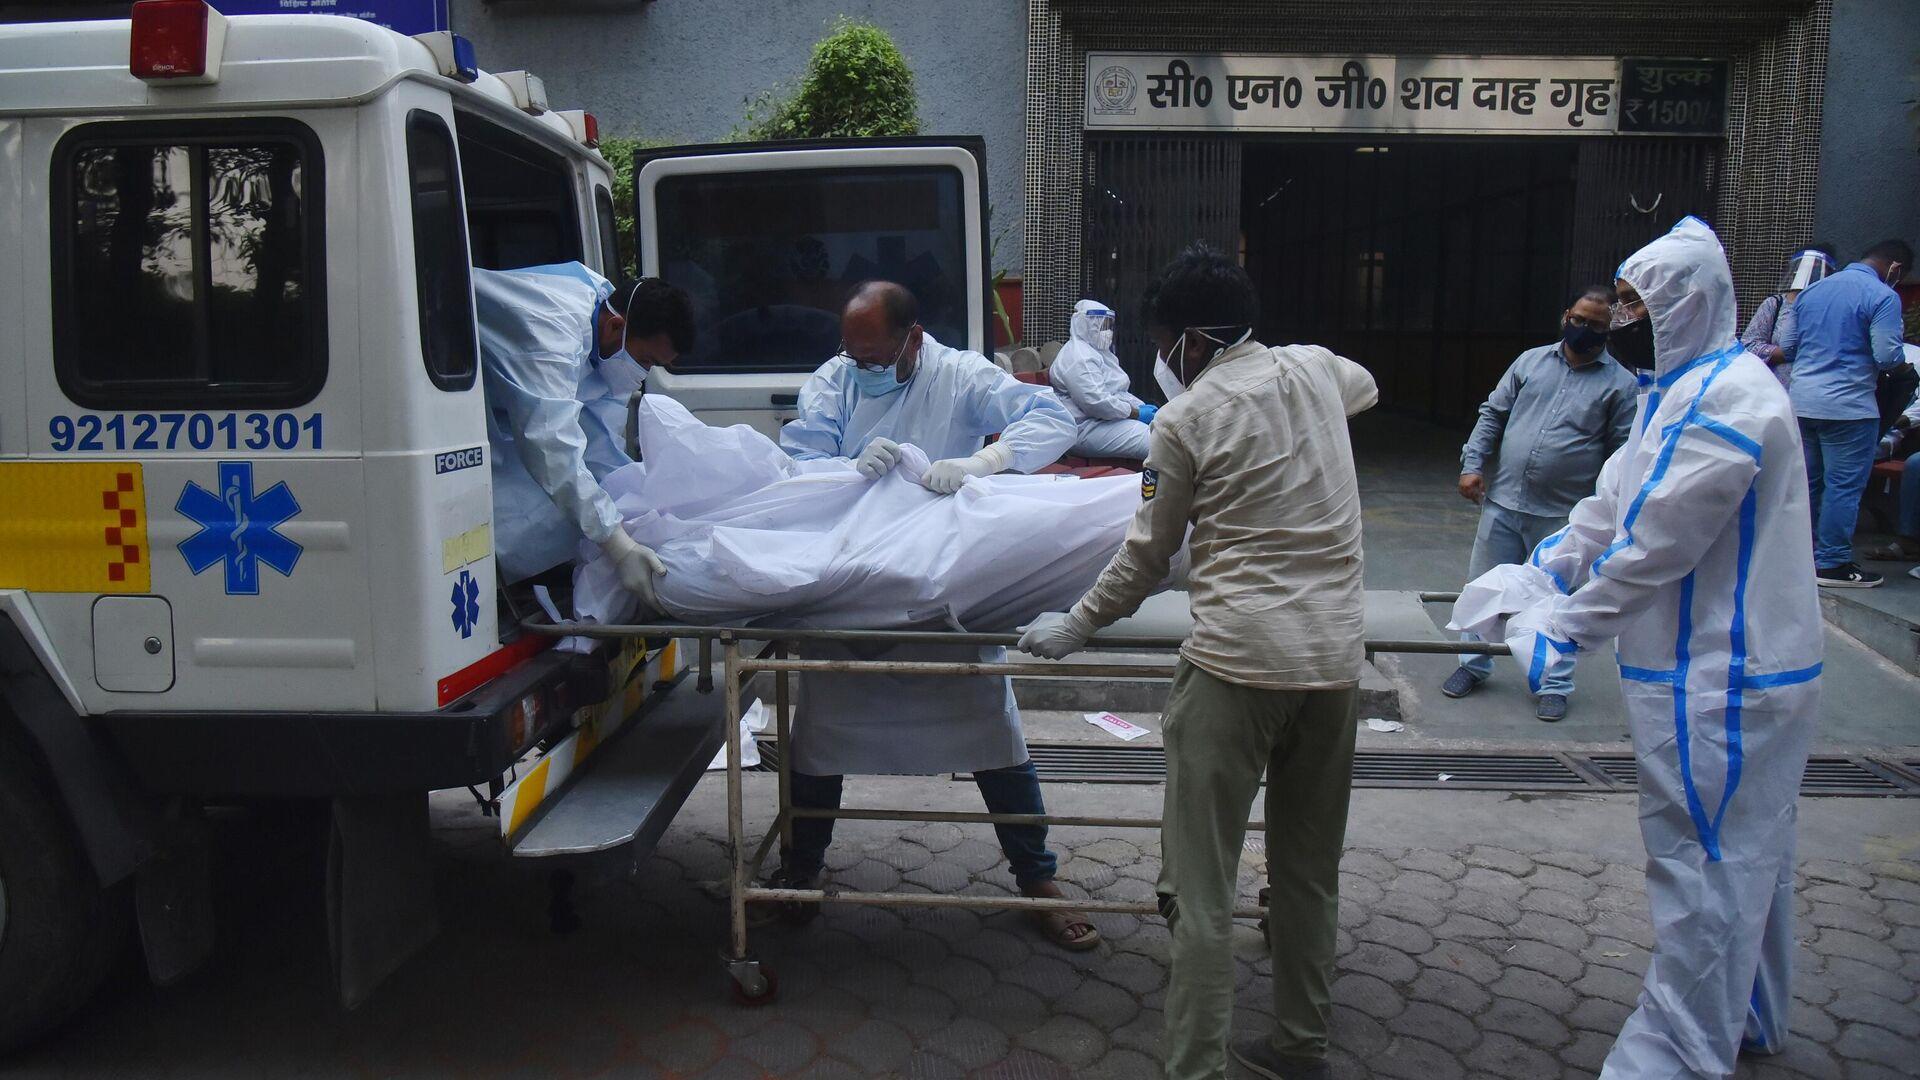 Медицинские работники транспортируют мертвое тело в Дели - РИА Новости, 1920, 20.06.2021